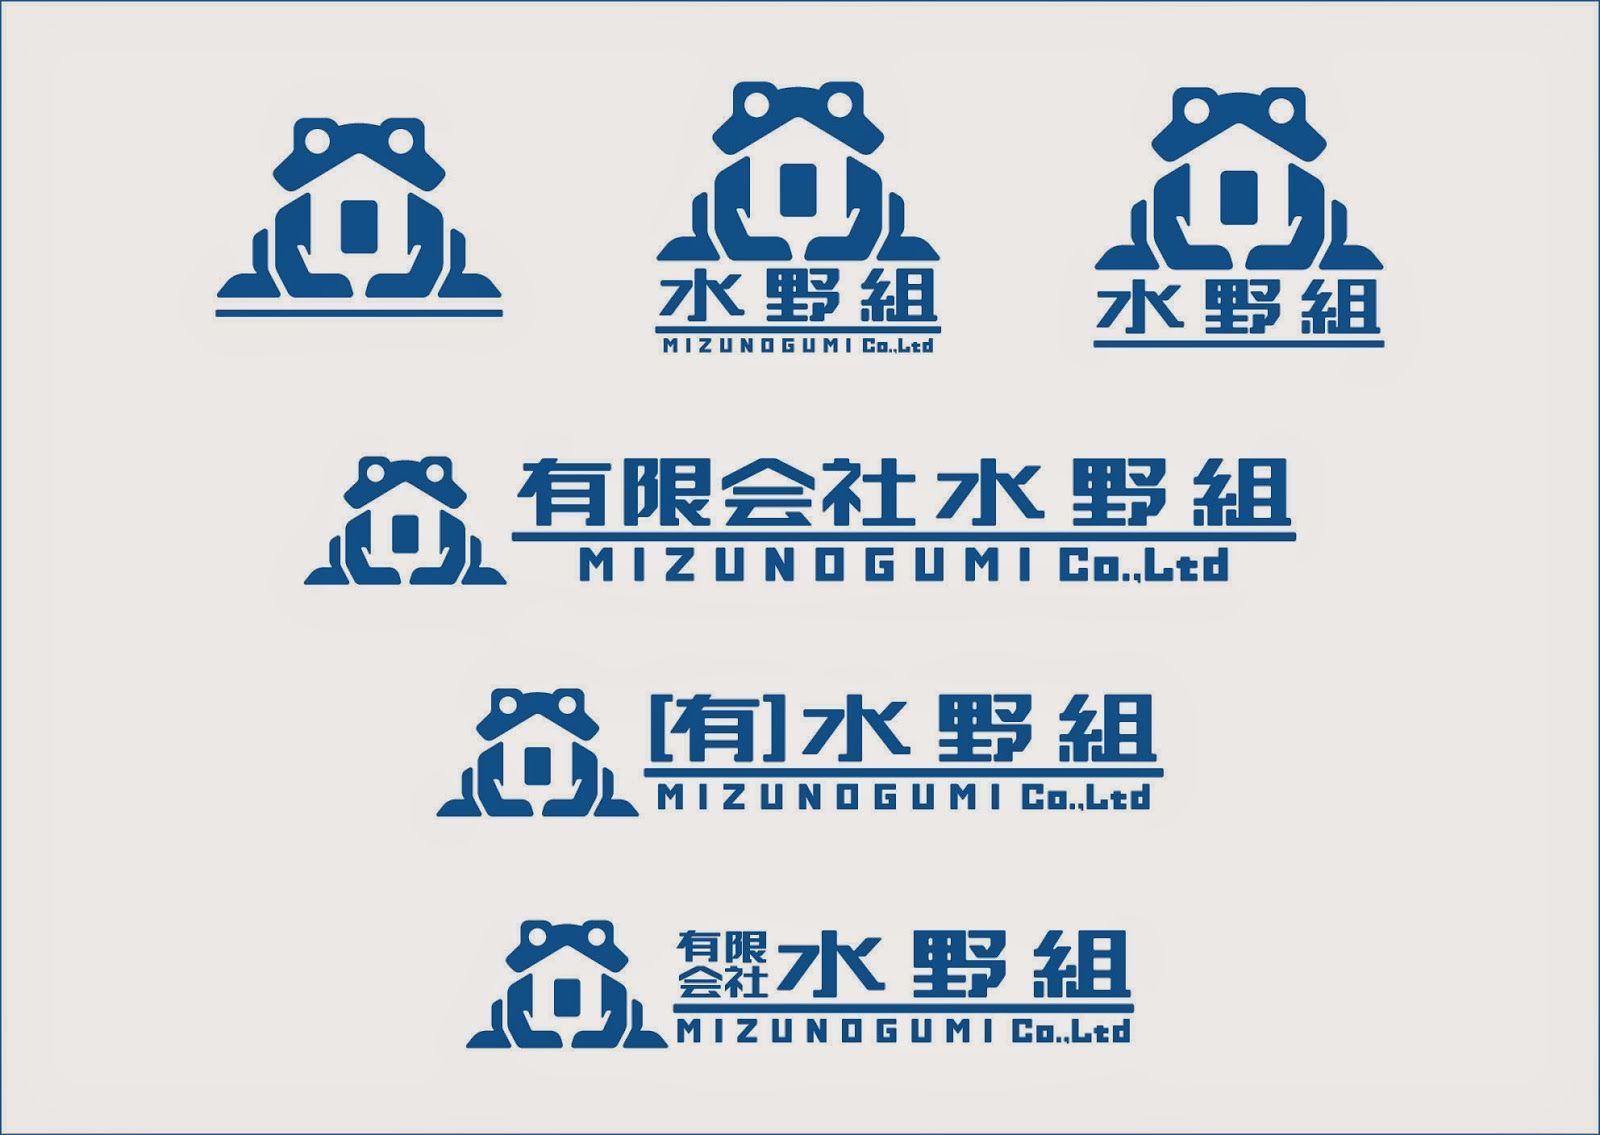 ロゴデザイン Logo 日本語 蛙 家 ロゴデザイン パンフレット